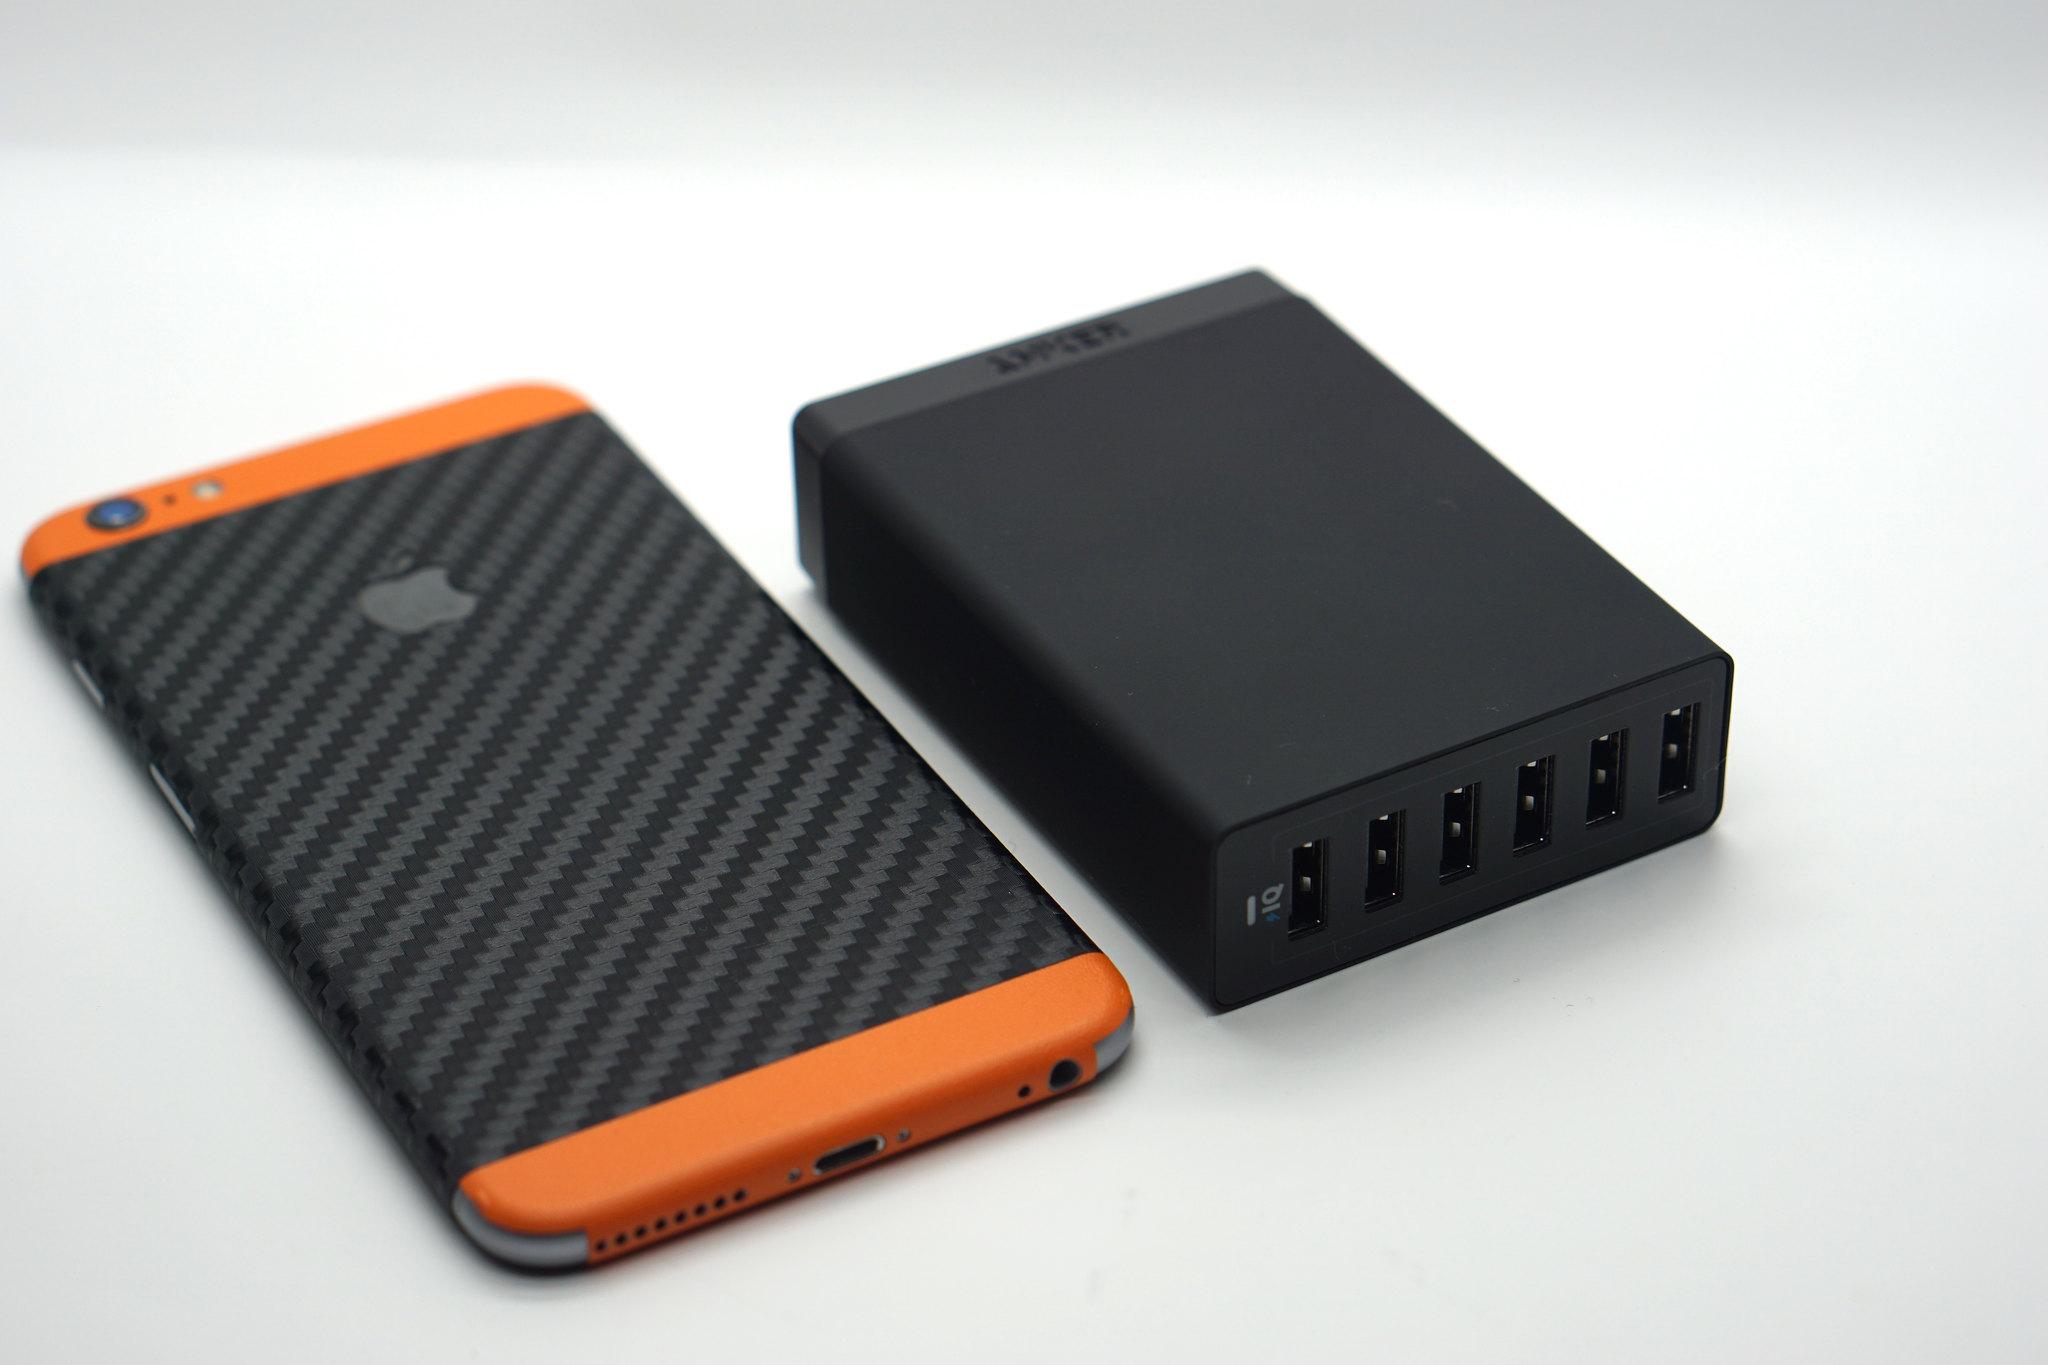 Anker 6 ports USB